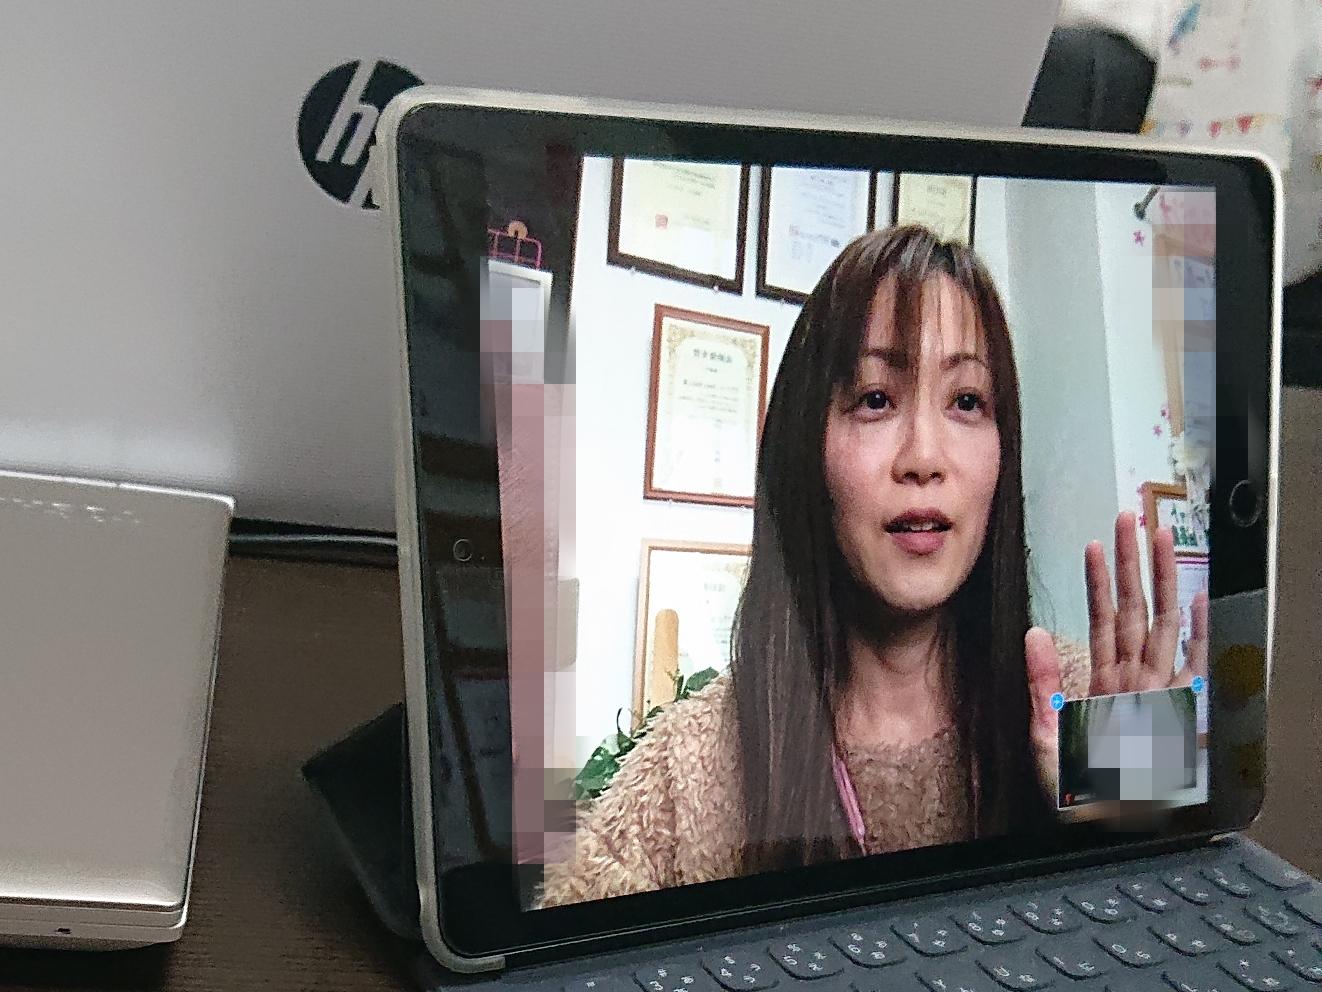 ラヴィベル大阪 堺ブログ<br>オンラインお見合い 始動!